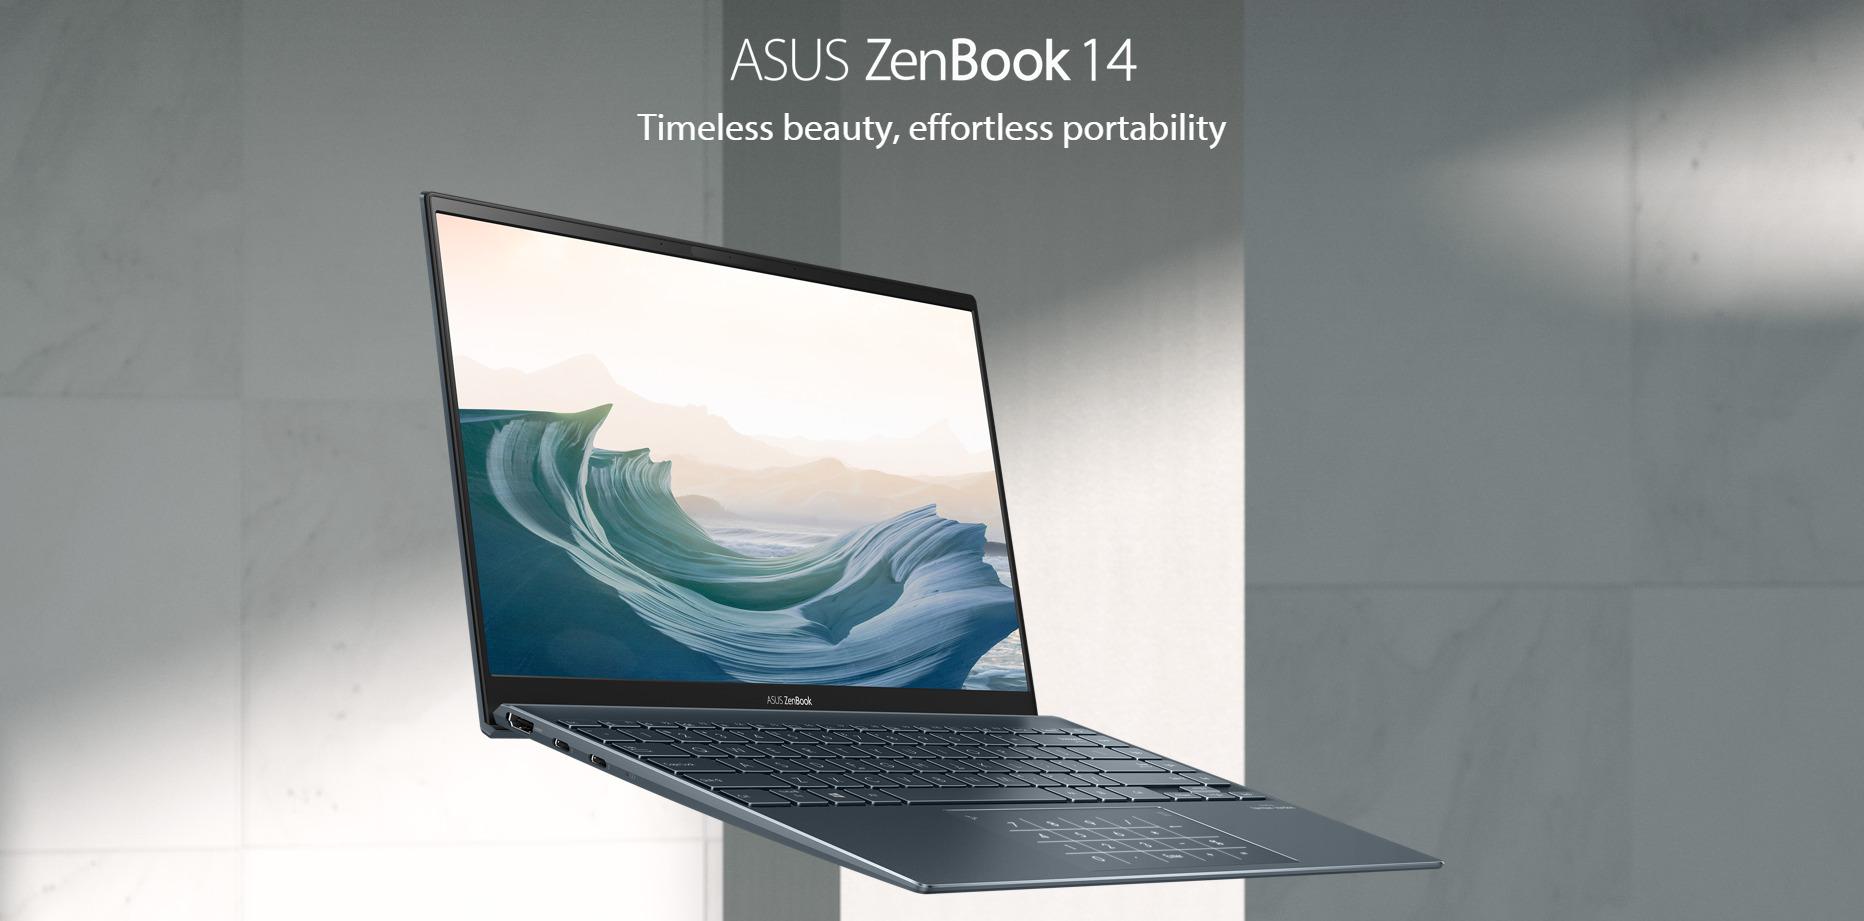 Asus ZenBook 13 ZenBook 14